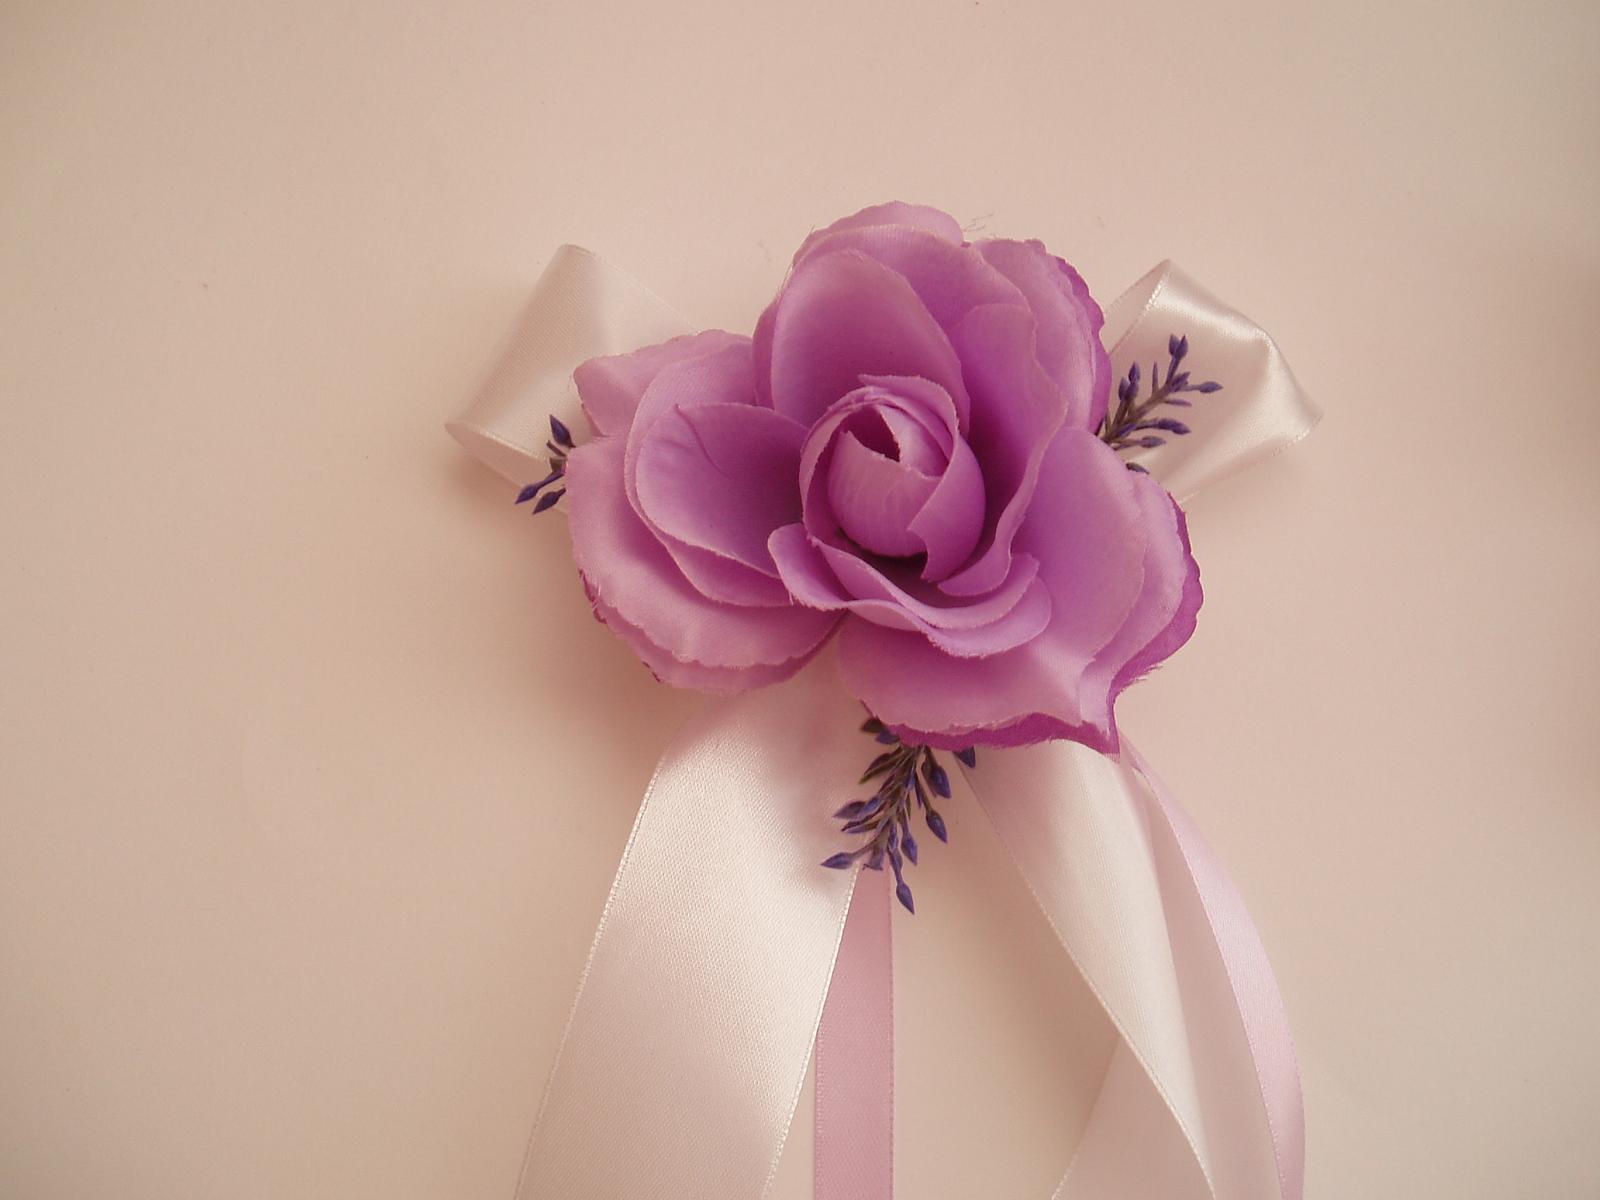 mašle na zrcátka-růže s levandulí - Obrázek č. 1